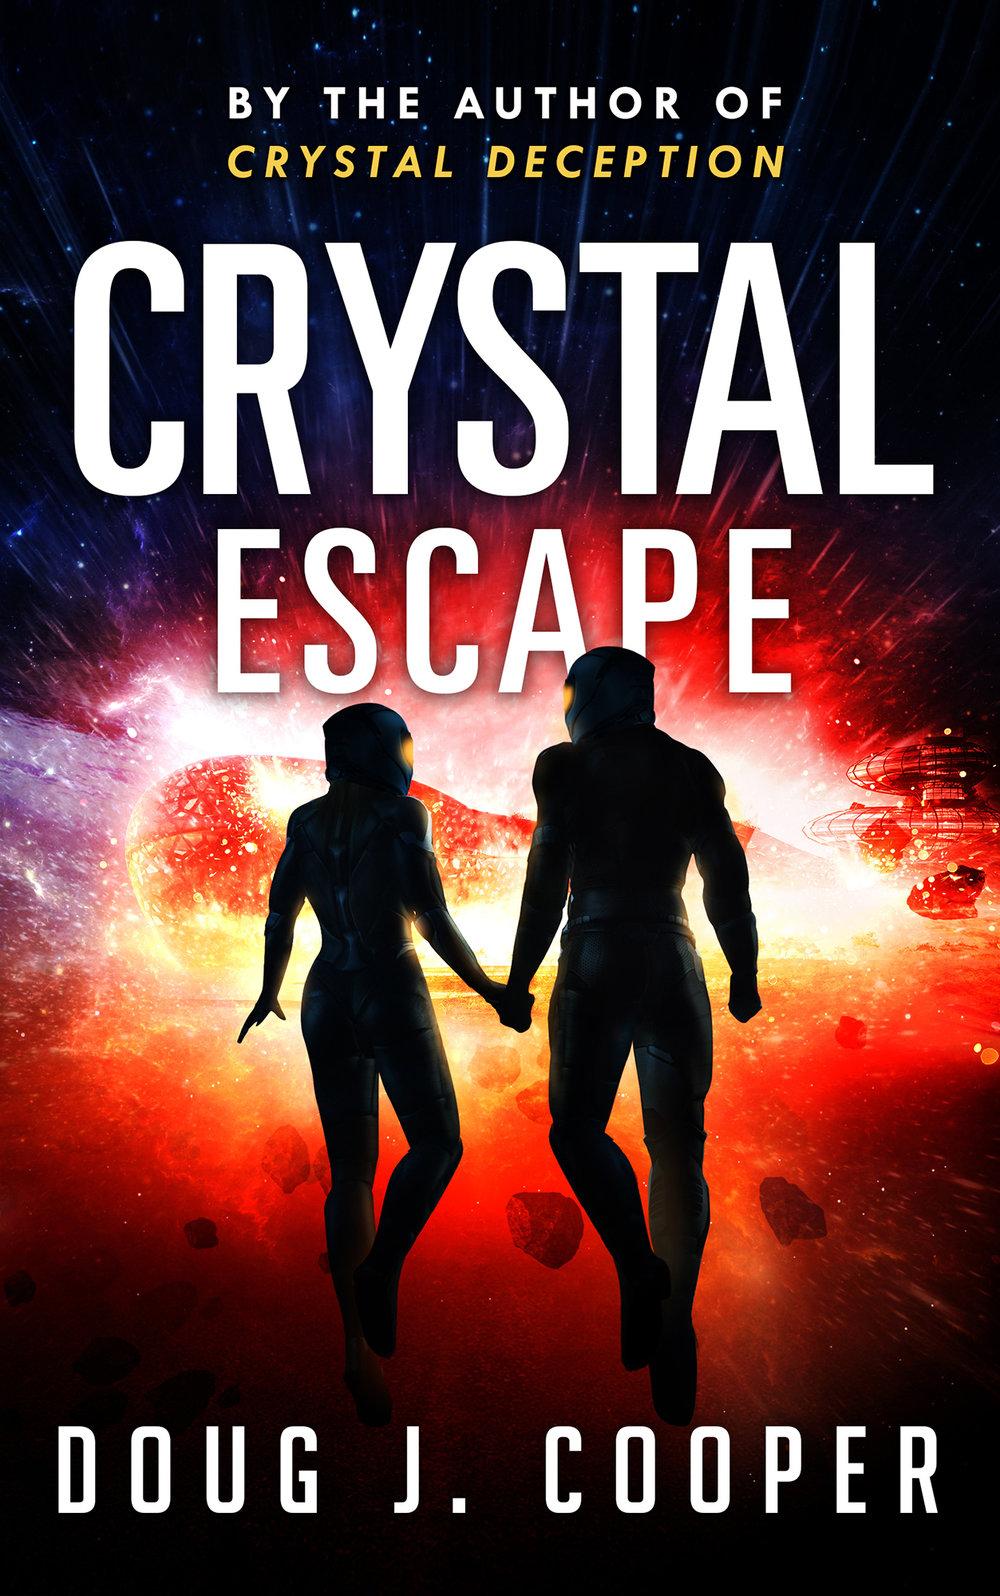 Crystal Escape - Ebook Small.jpg